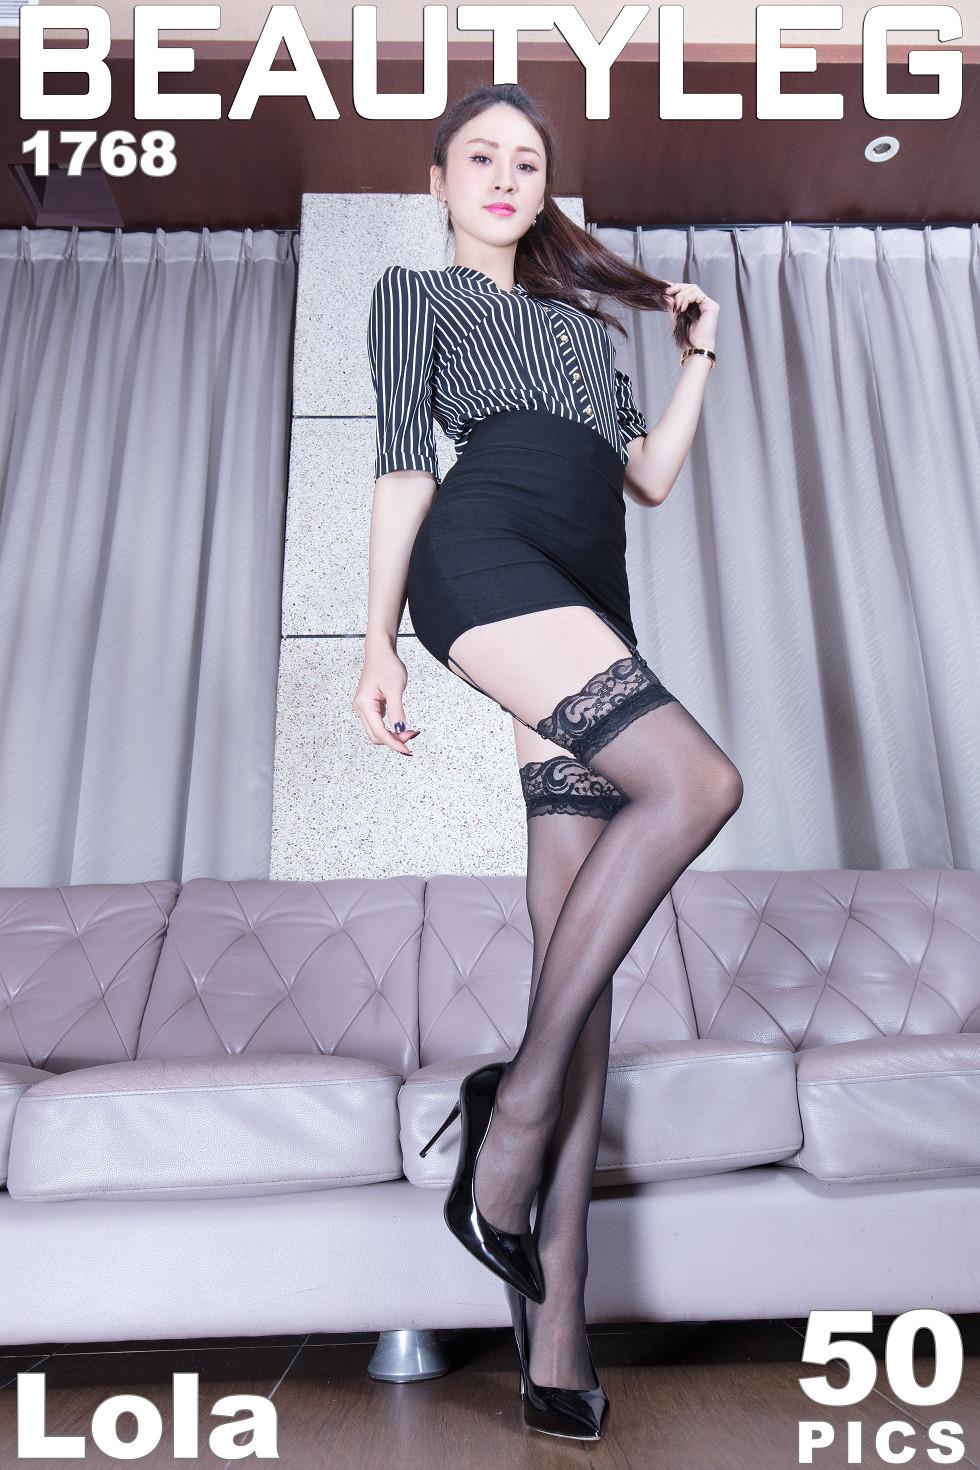 模特Lola妹子格子衬衣配吊带黑丝袜秀完美身材迷人诱惑无圣光写真45P